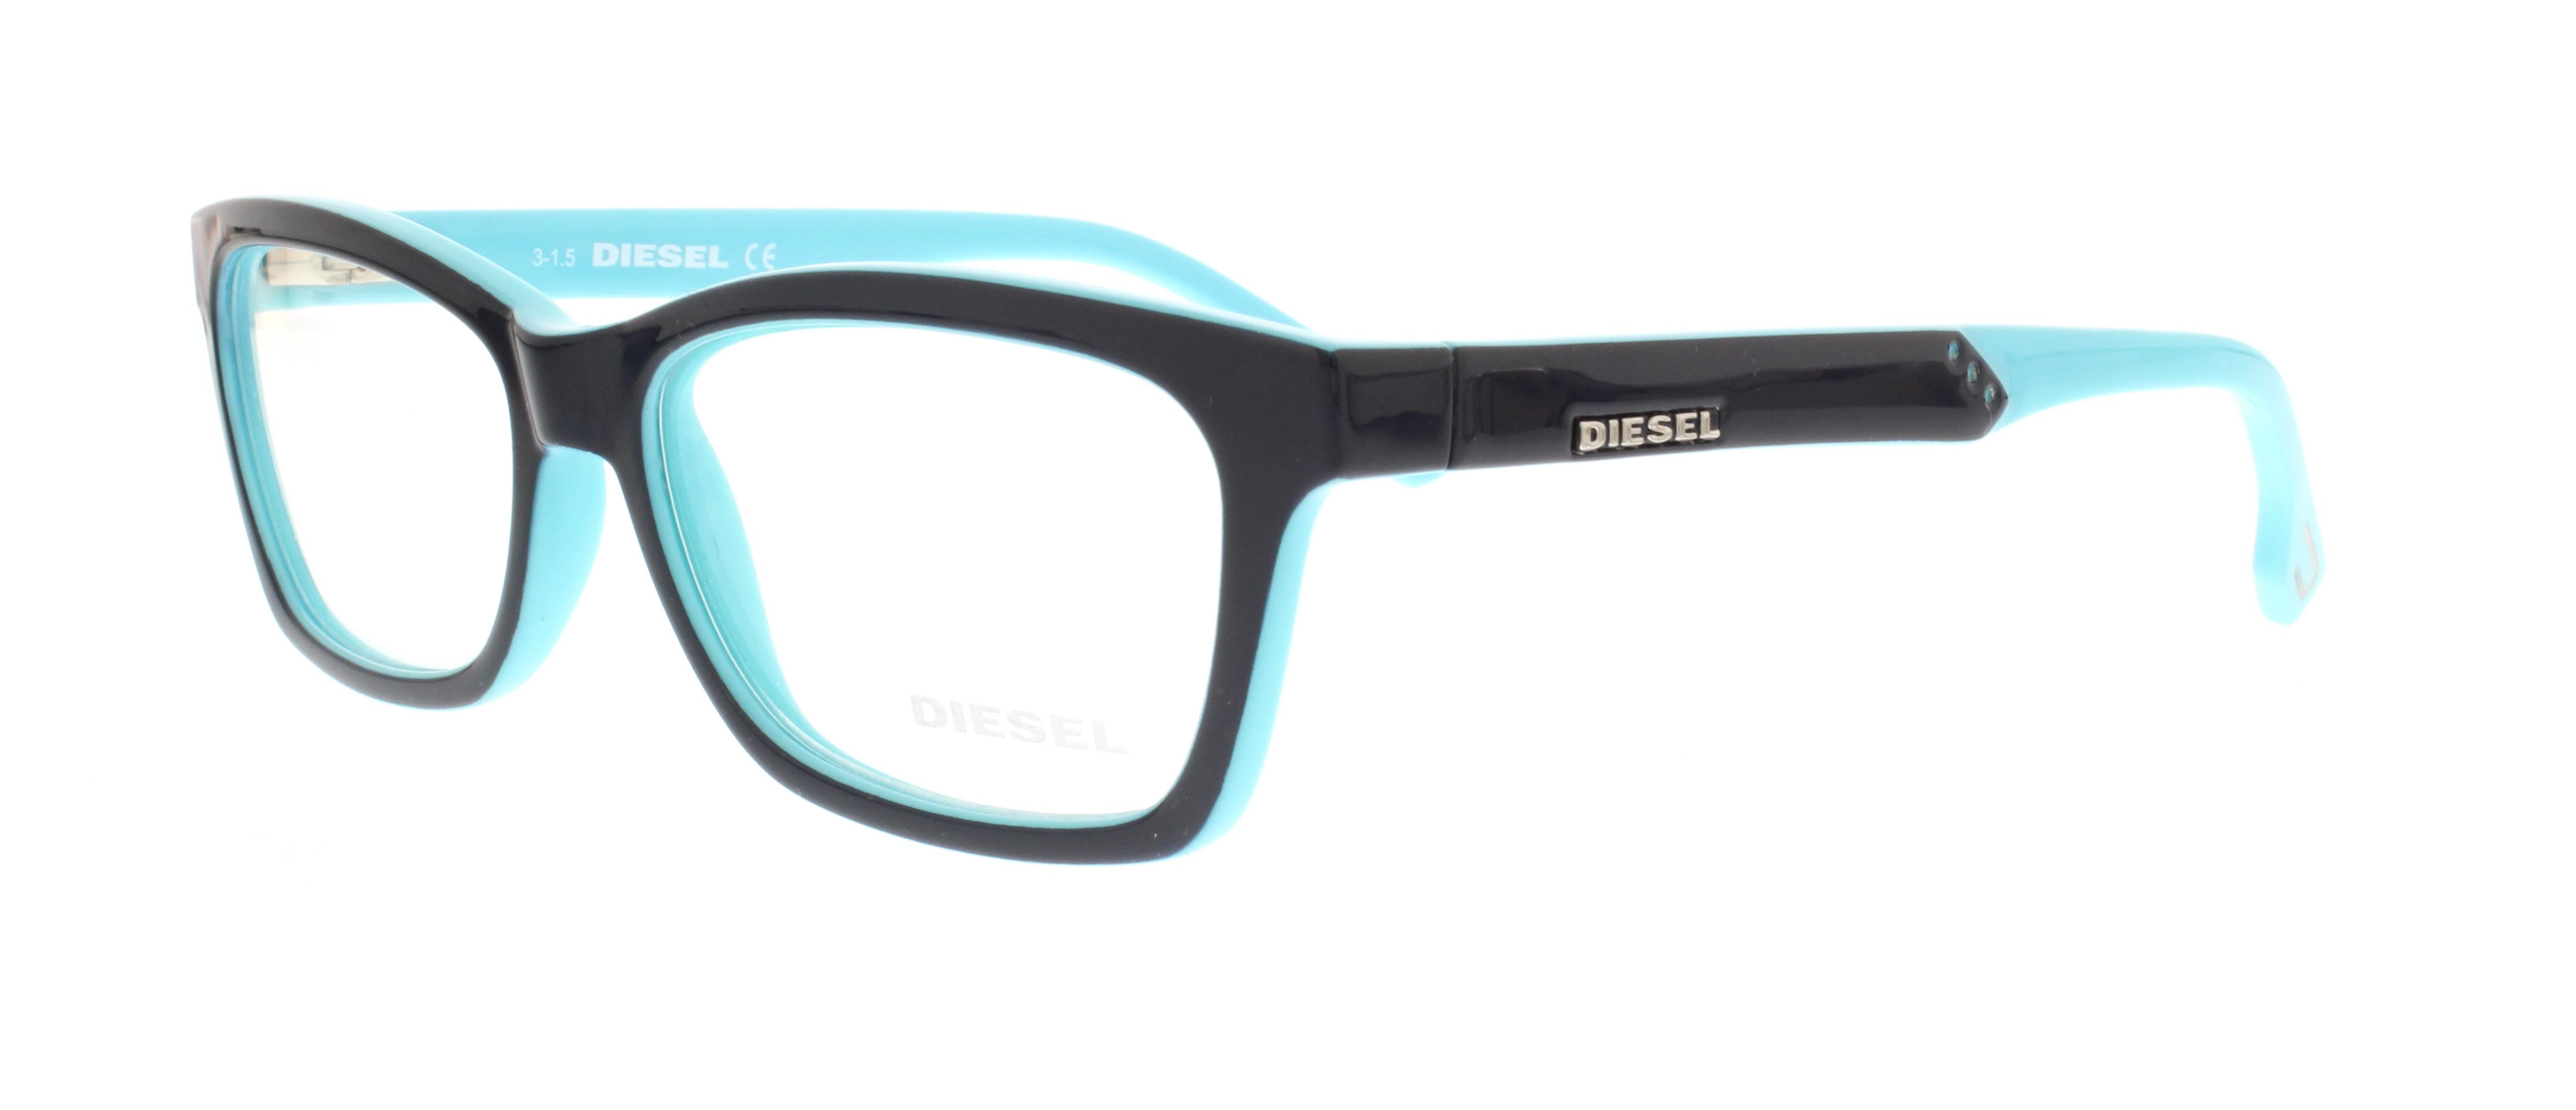 DIESEL Eyeglasses DL5063 092 Blue 54MM 664689587223 | eBay